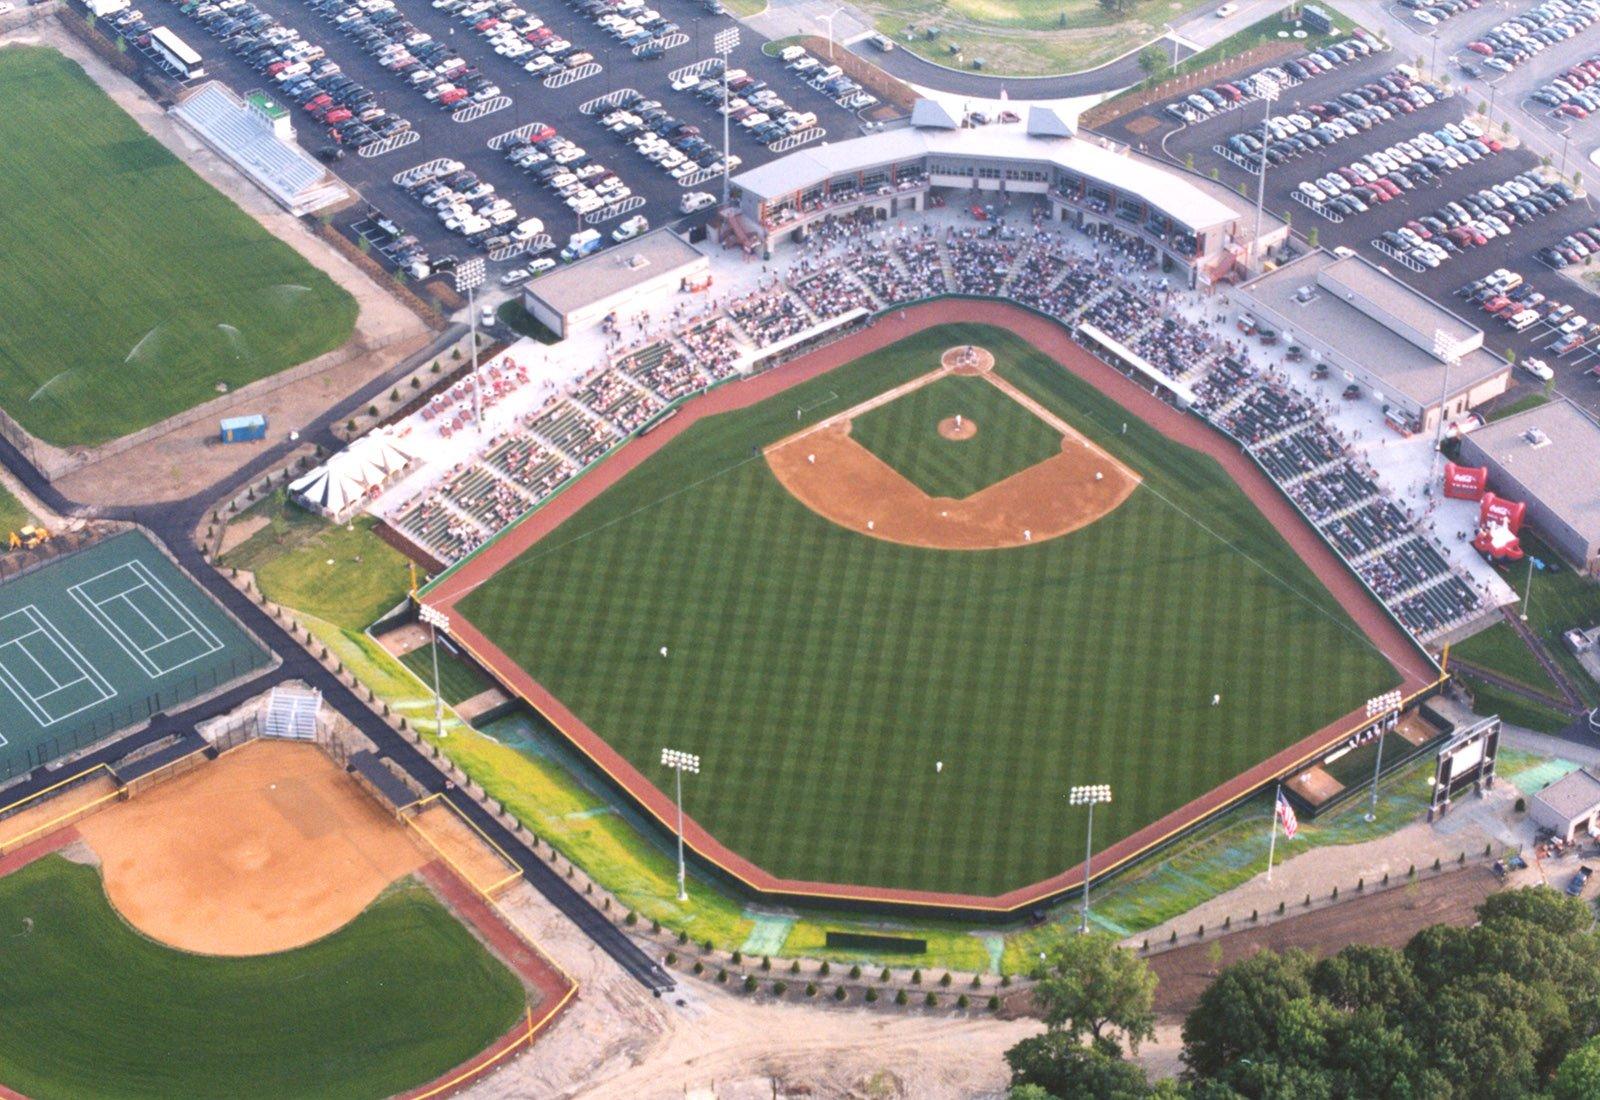 Hudson Valley Community College - Design-Build New Joseph L. Bruno Stadium